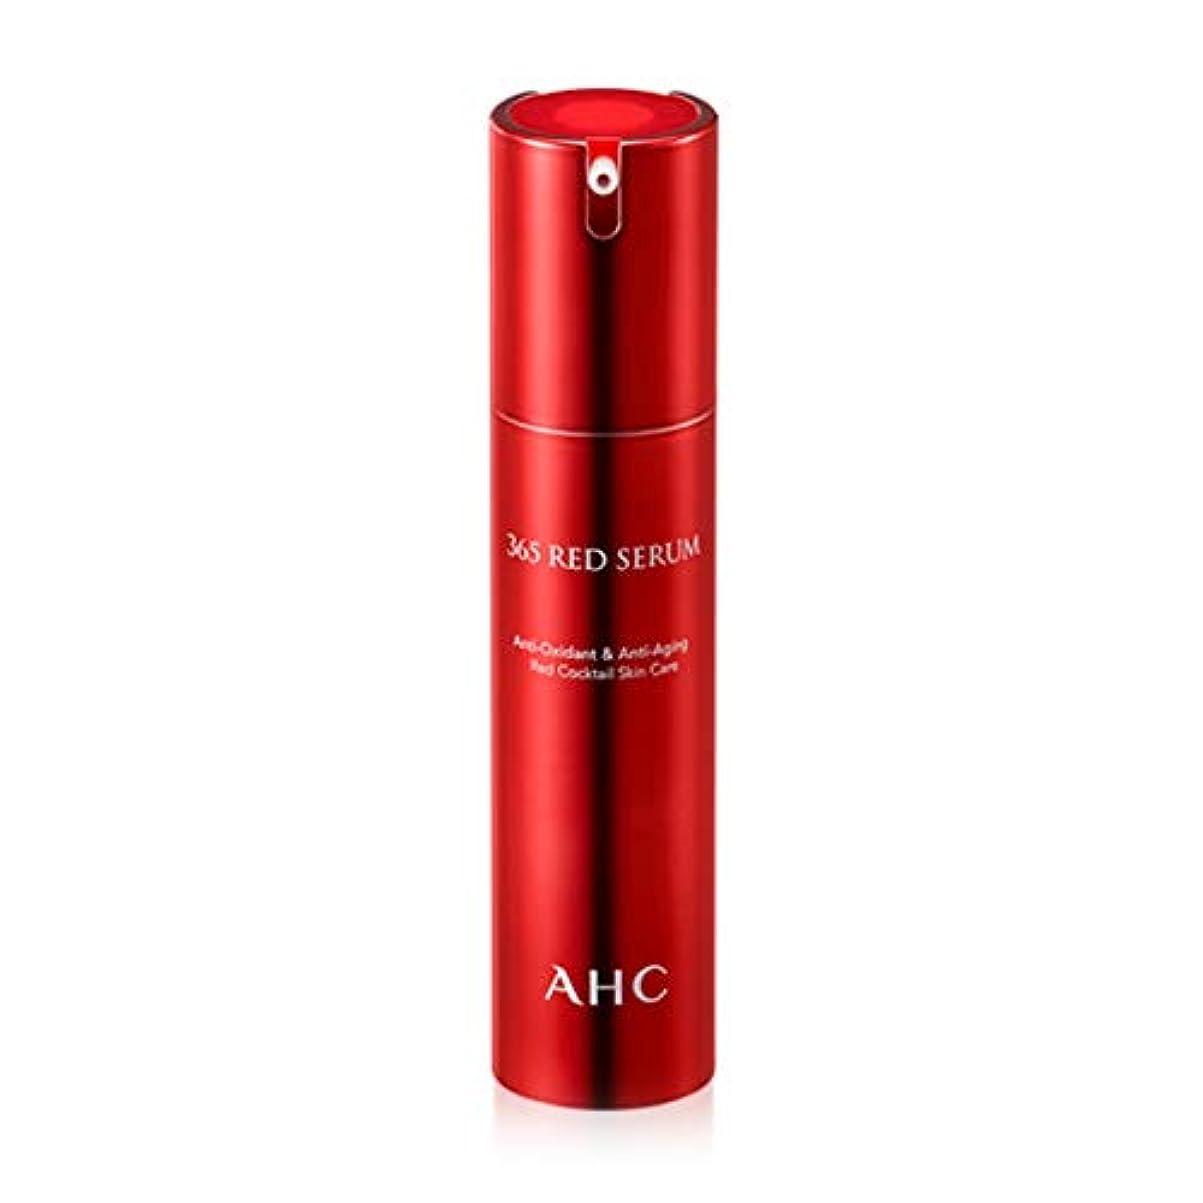 取り替えるポゴスティックジャンプほかにAHC 365 Red Serum AHC 365 レッド セラム 50ml [並行輸入品]